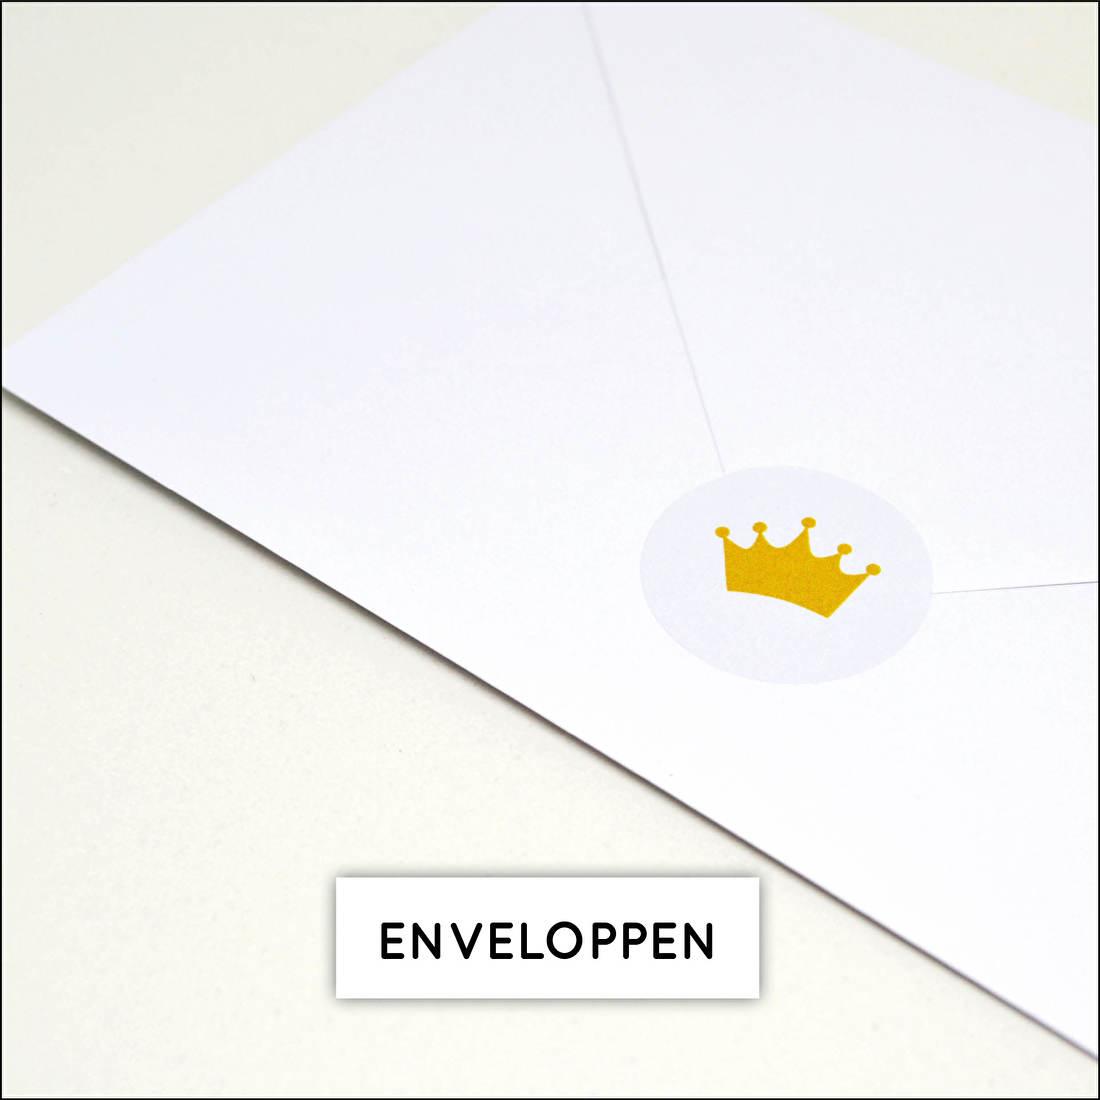 https://www.doorsuus.nl/c-4276445/enveloppen/